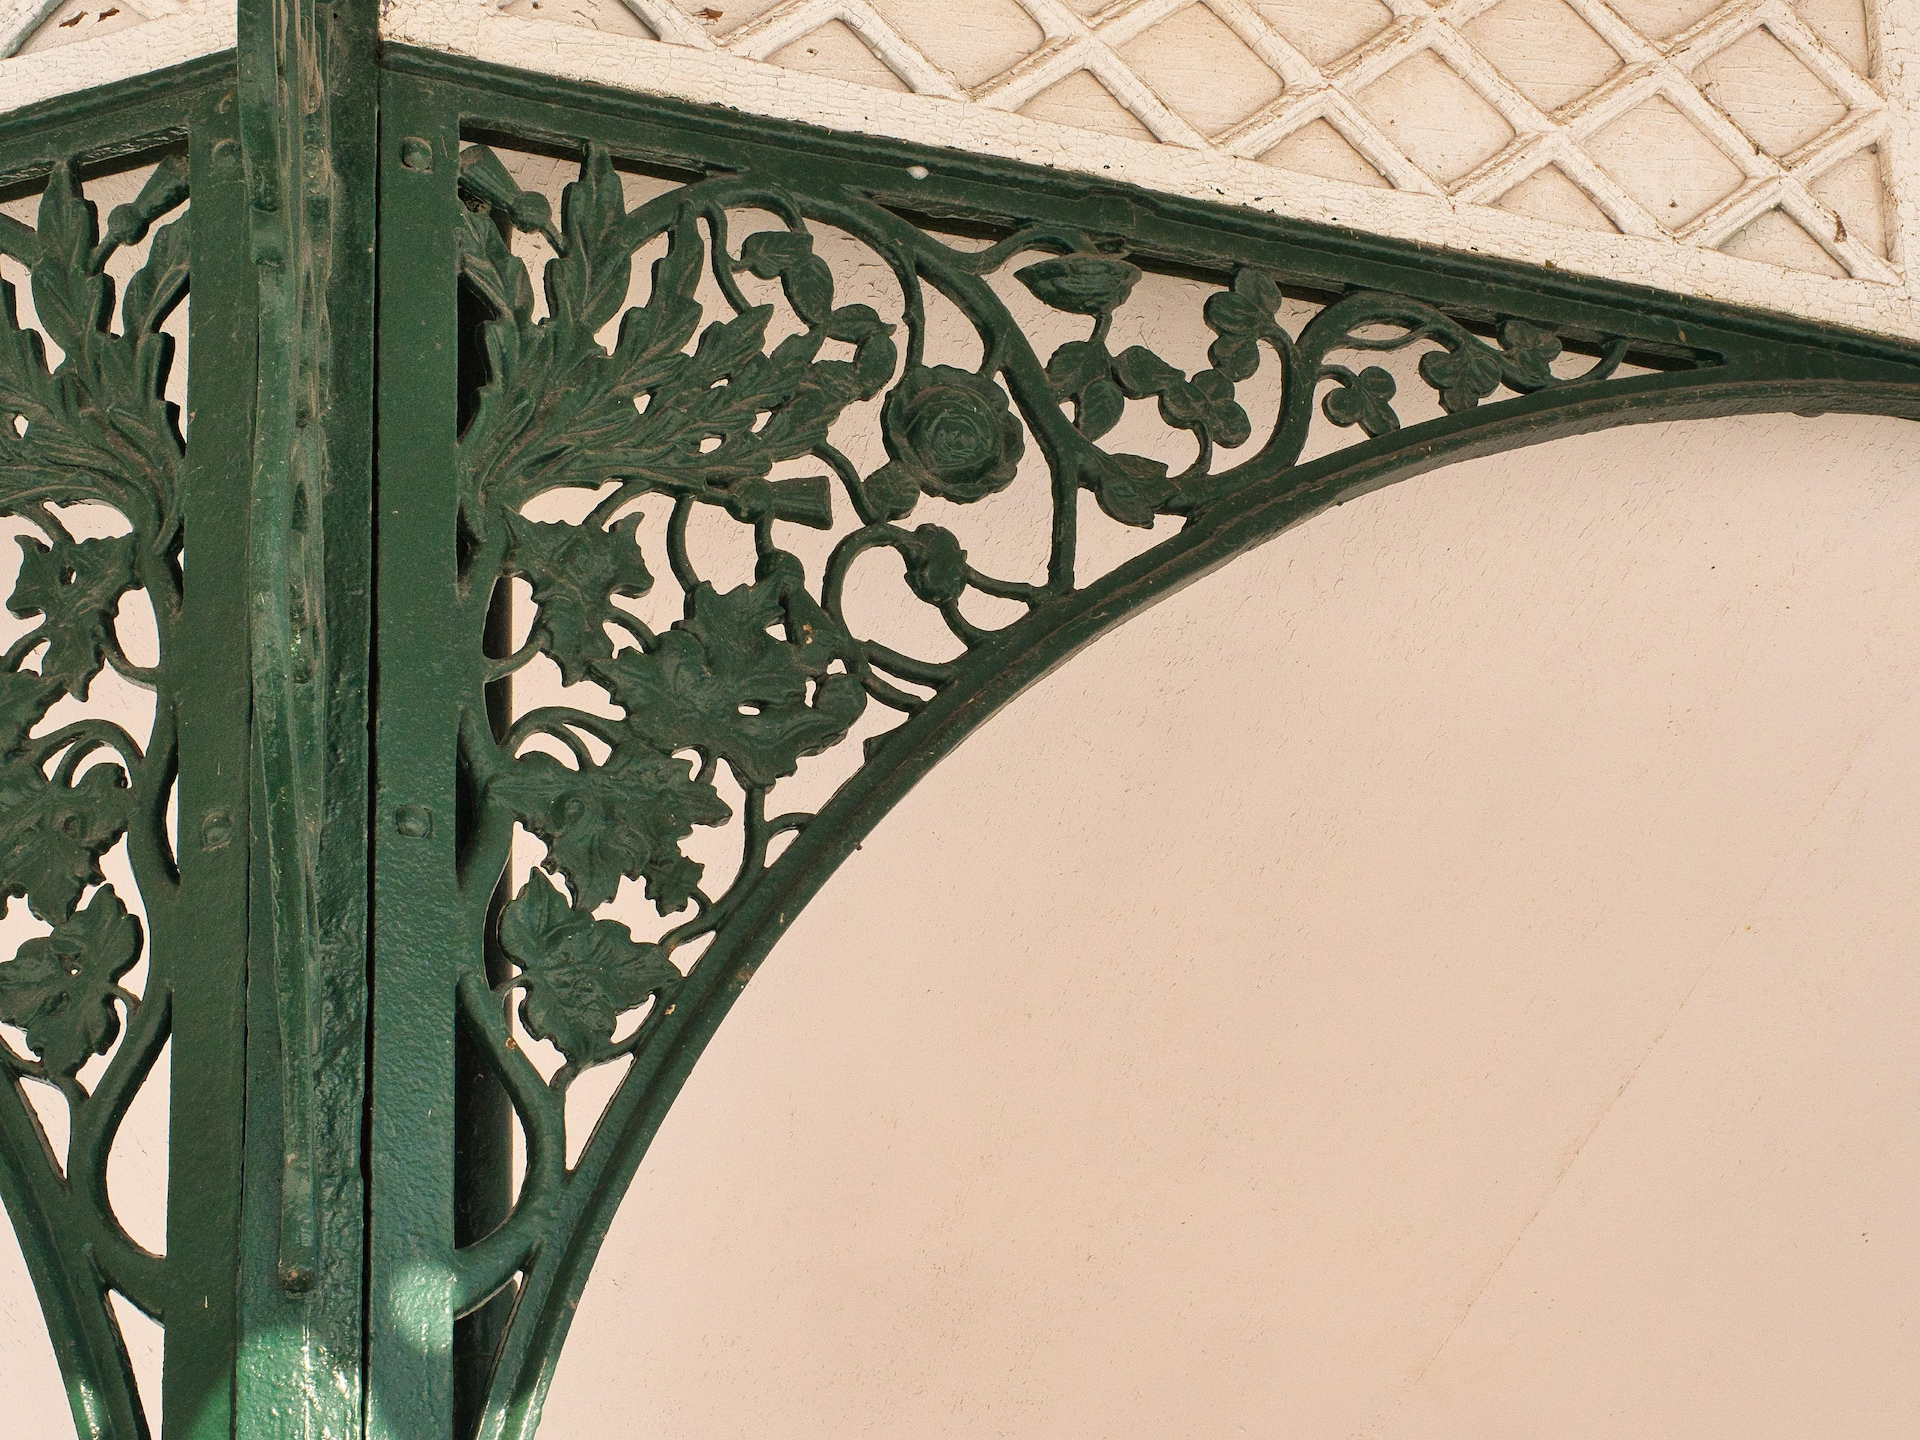 Le trèfle irlandais,  la rose anglaise, le chardon écossais et la feuille d'érable canadienne sont intégrés à la structure de métal vert qui supporte le toit des kiosques de la terrasse Dufferin.